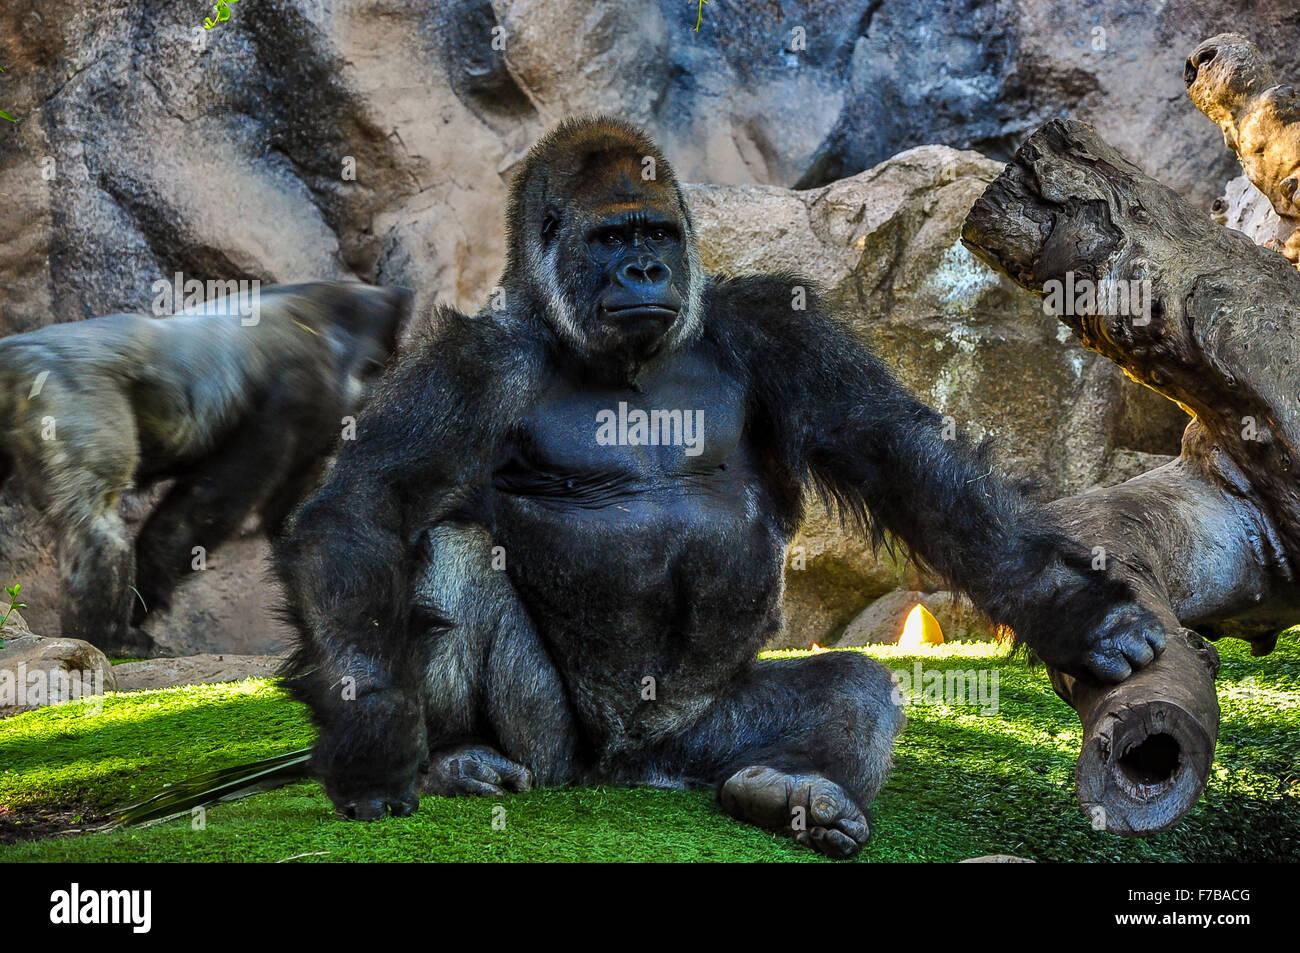 Maestoso gorilla allo zoo Immagini Stock